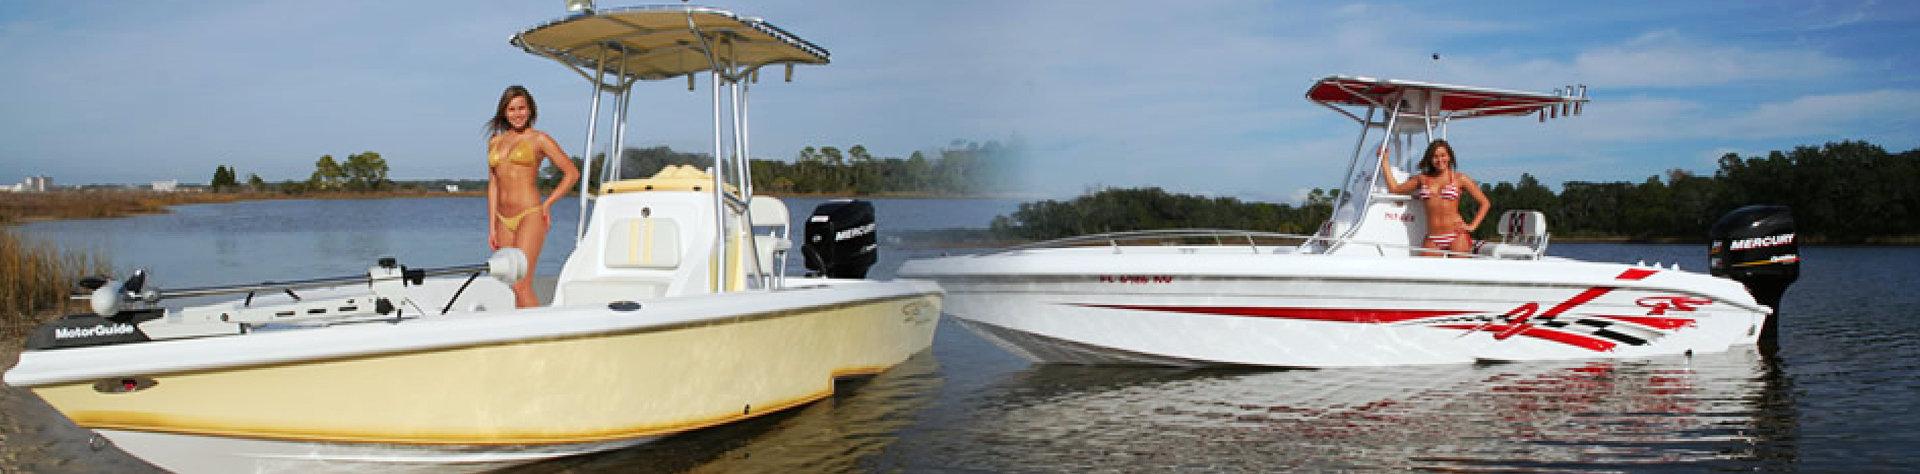 model in boat